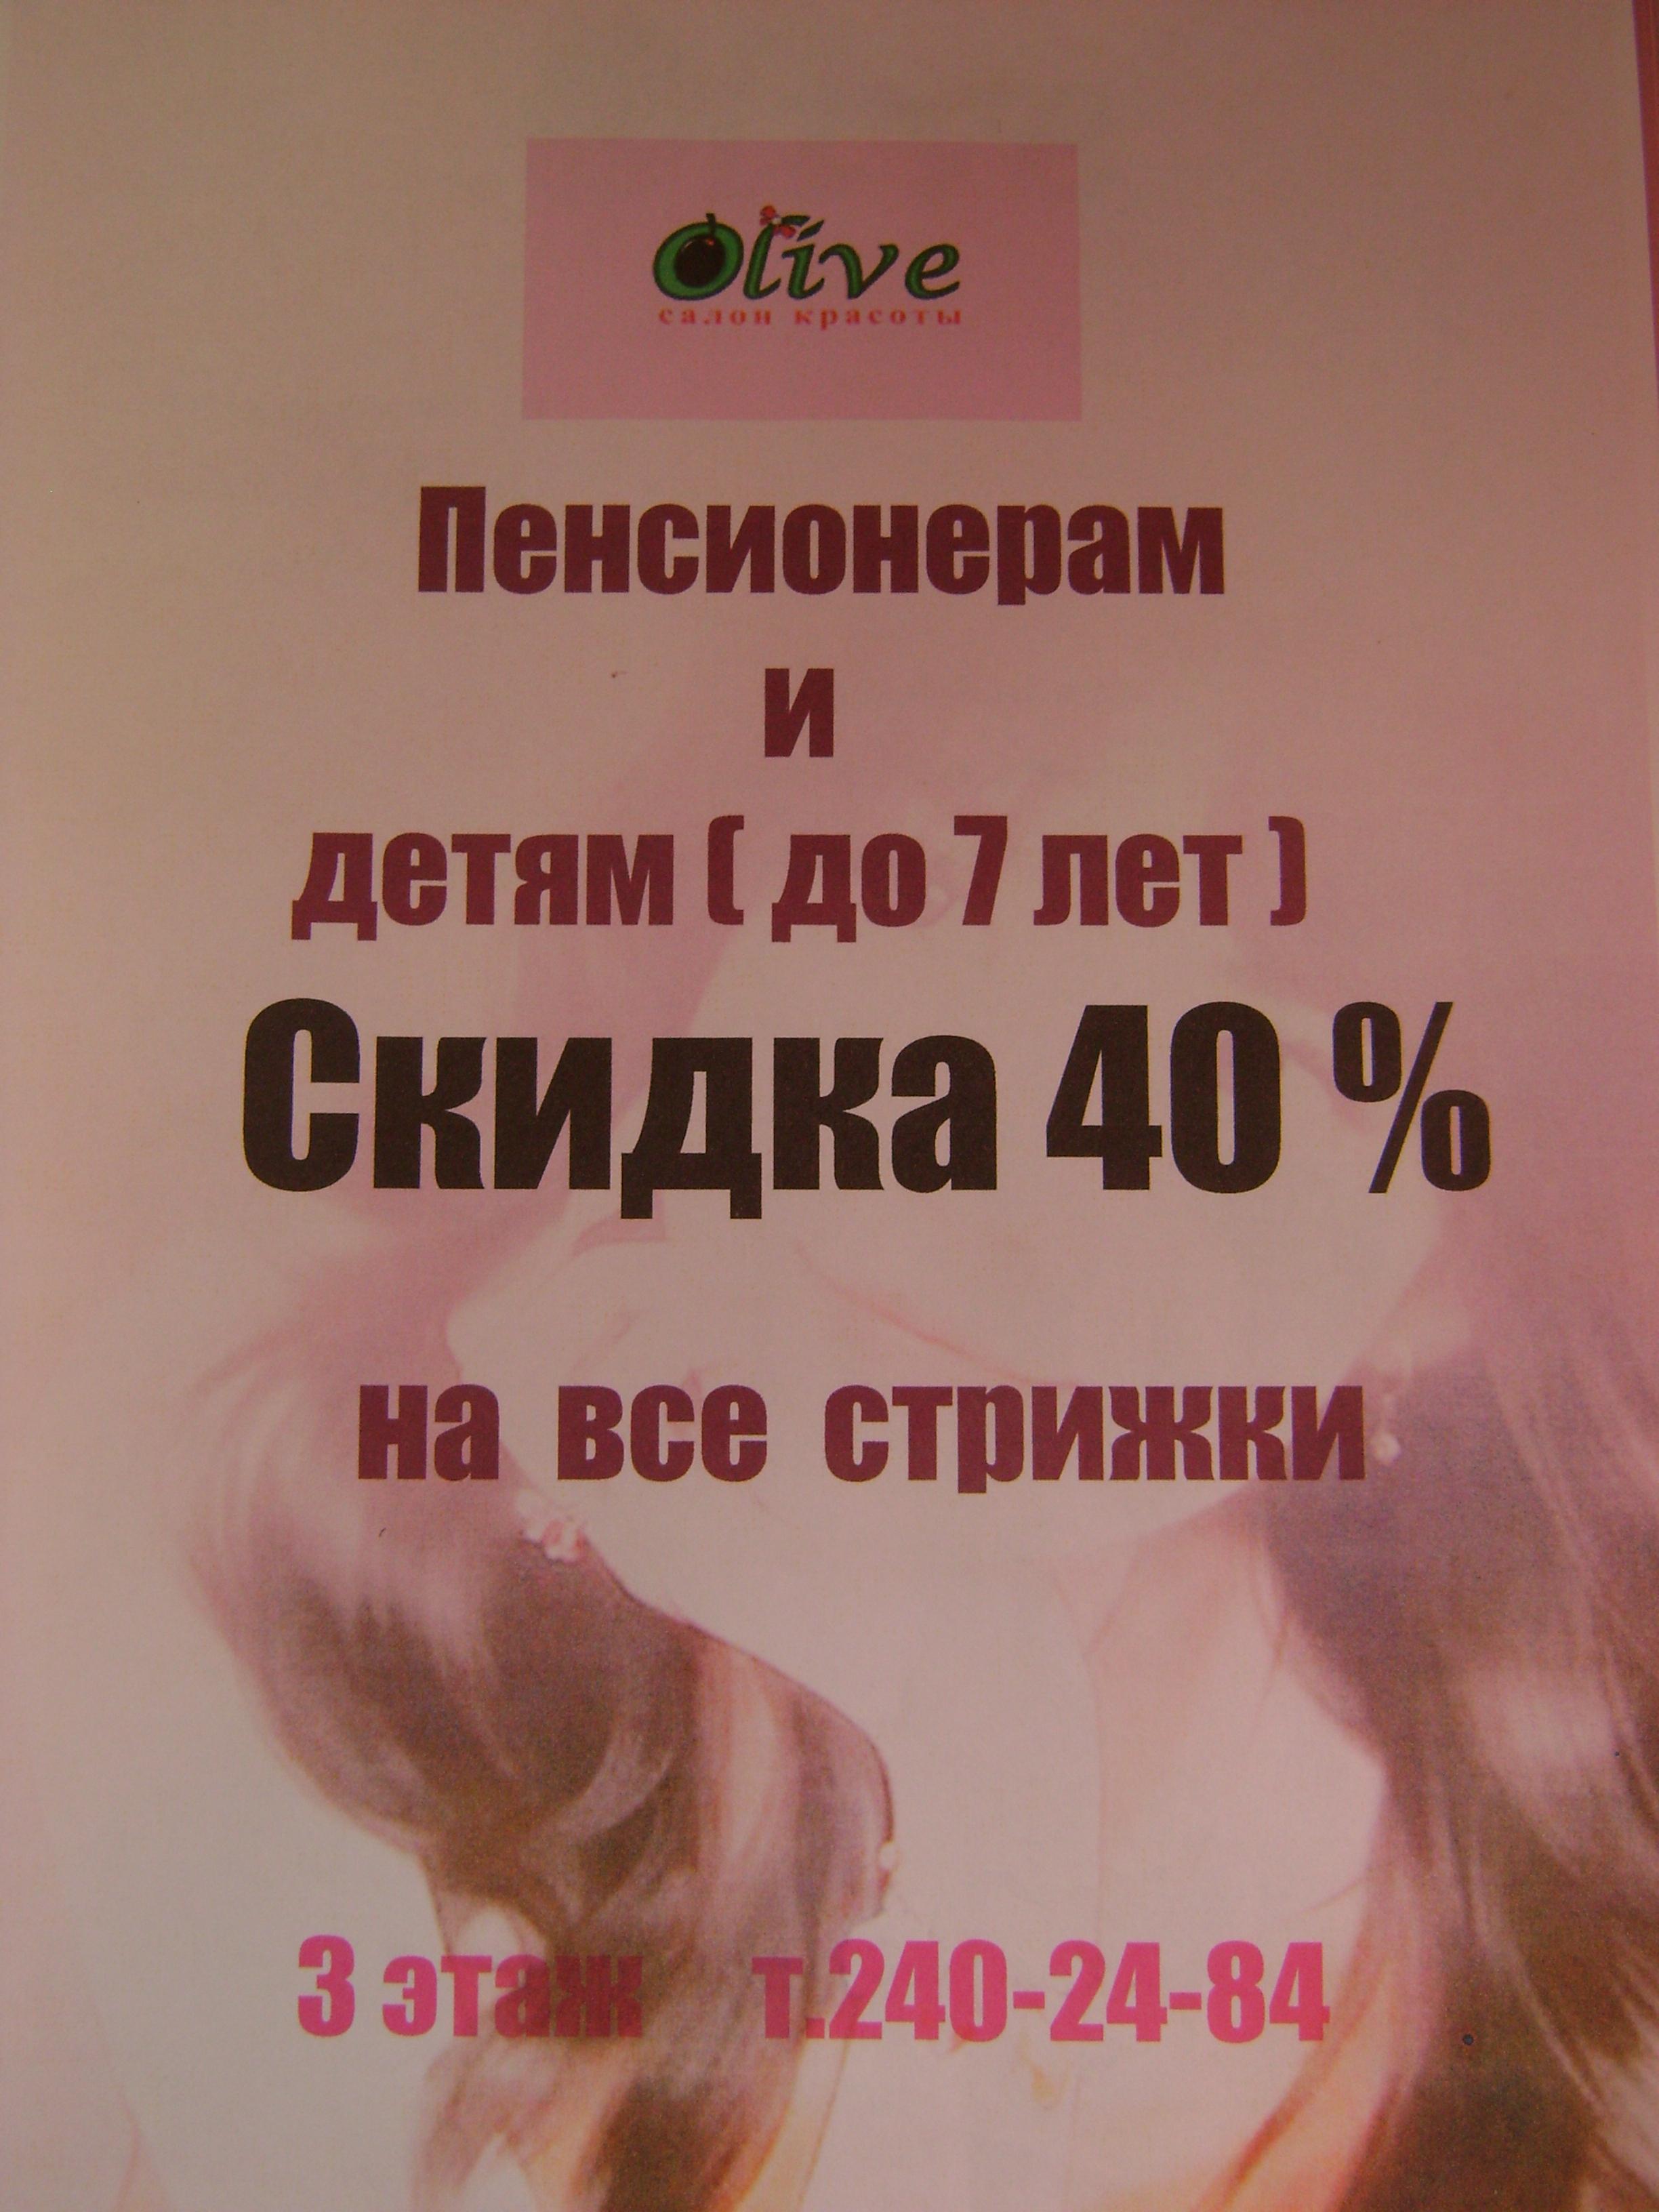 Olive: отзывы и цены салонов красоты